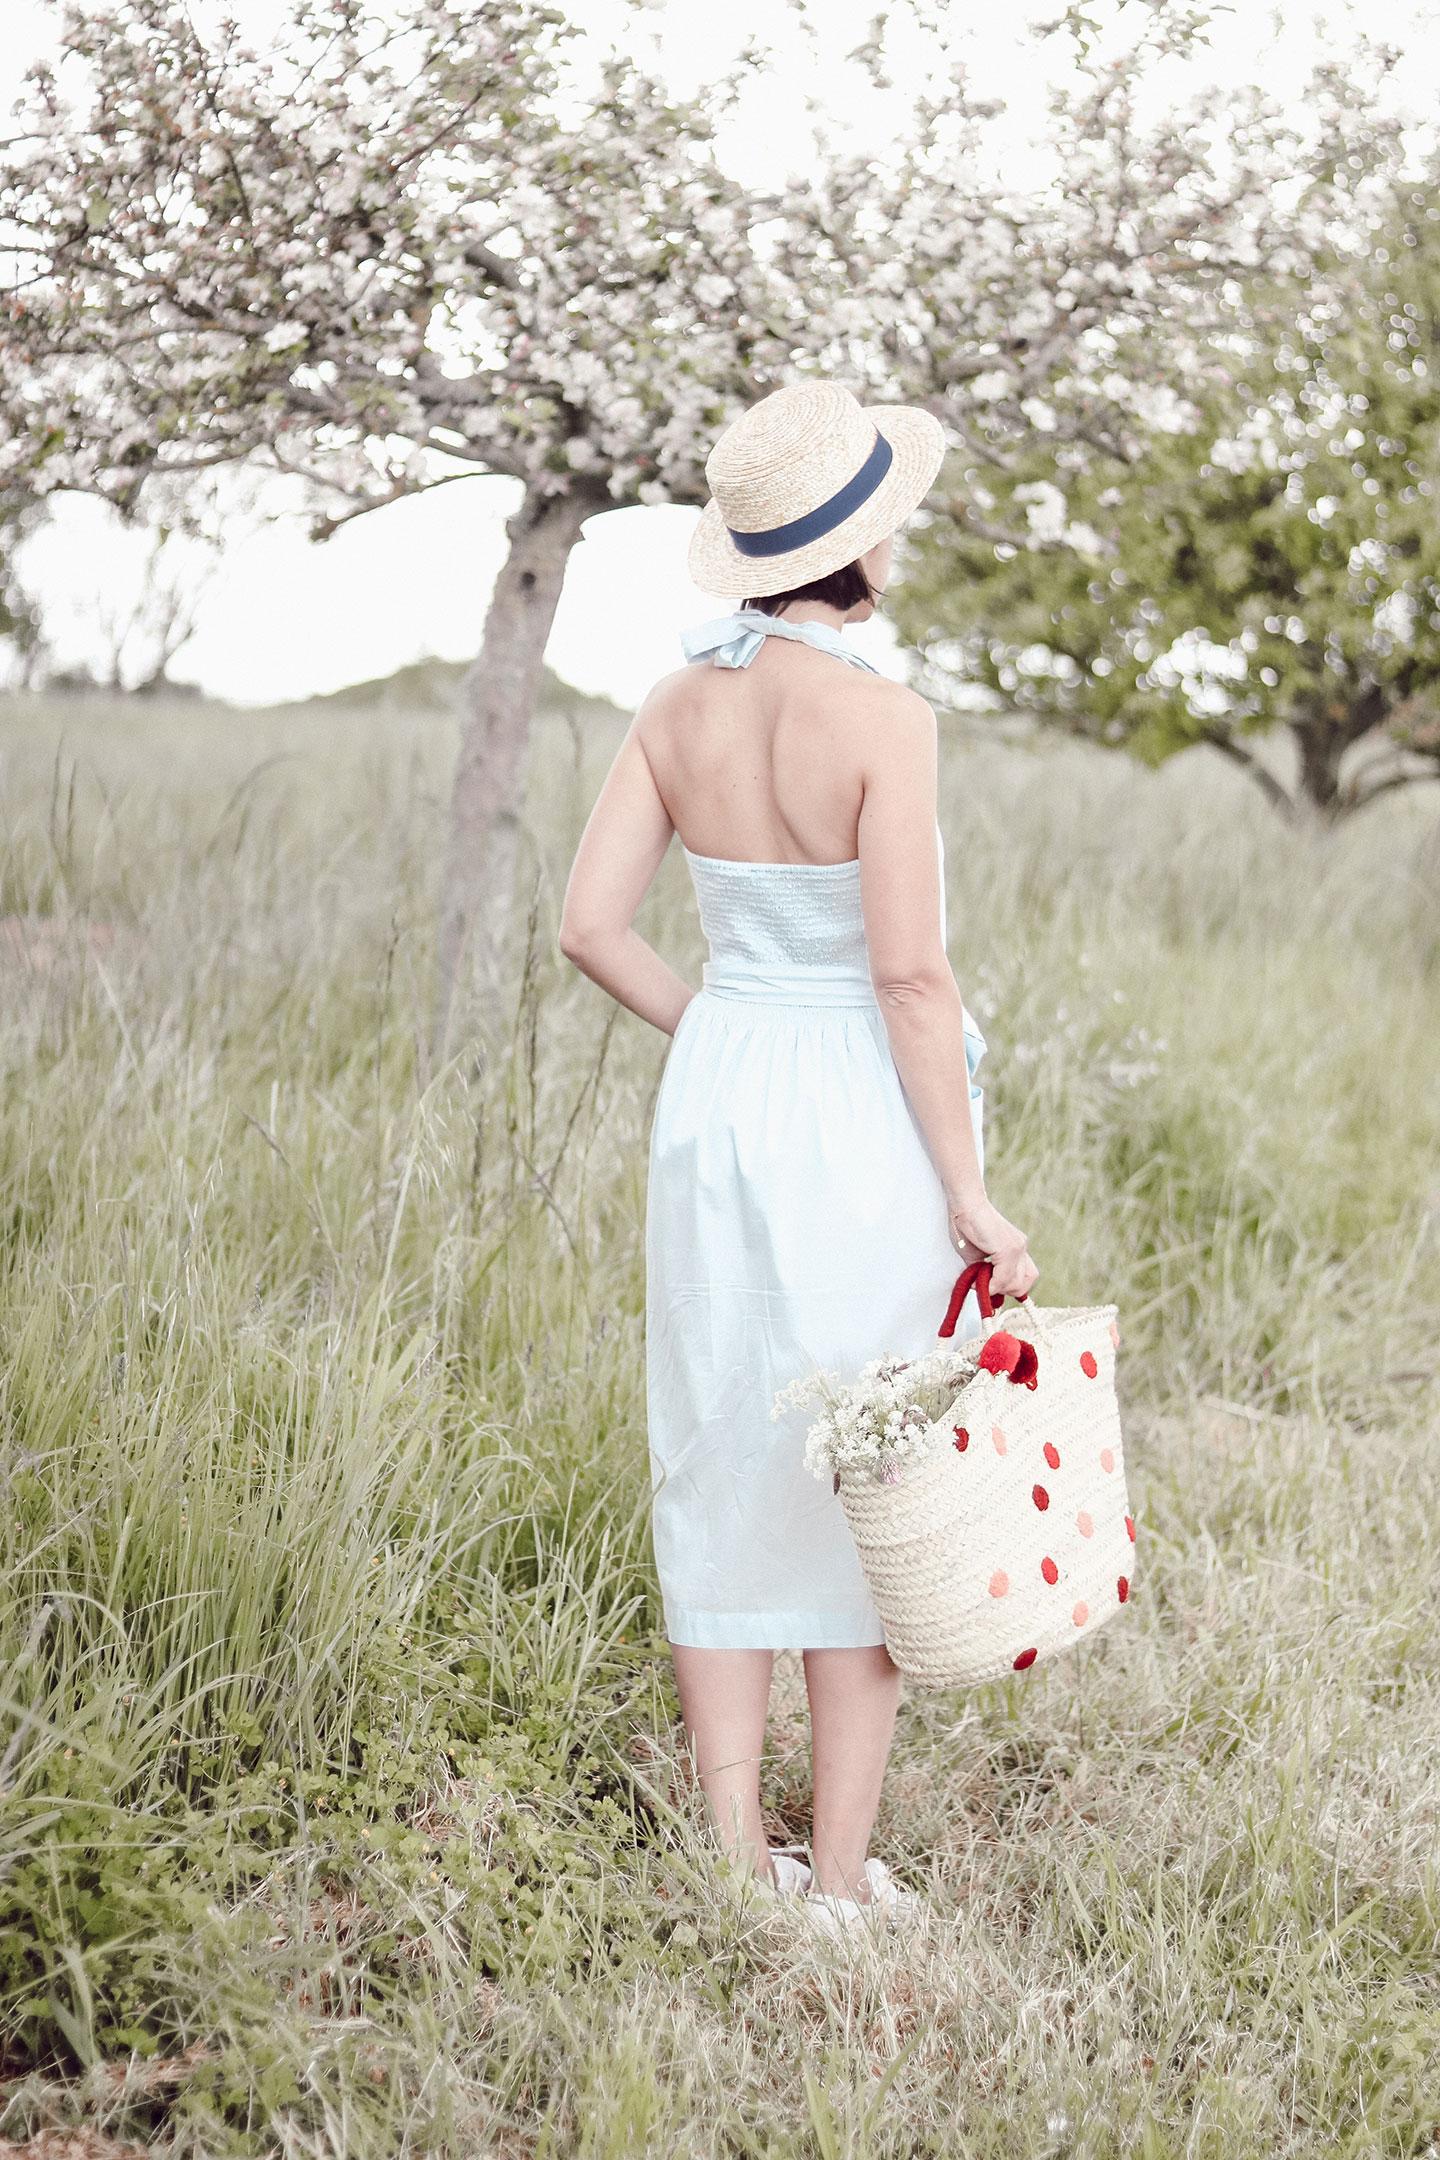 Aujourd'hui je vous retrouve avec un petit look estival et confortable avec cette petite robe rétro aux milieu des pommiers en fleurs d'Oléron. - Cliquez pour découvrir l'article